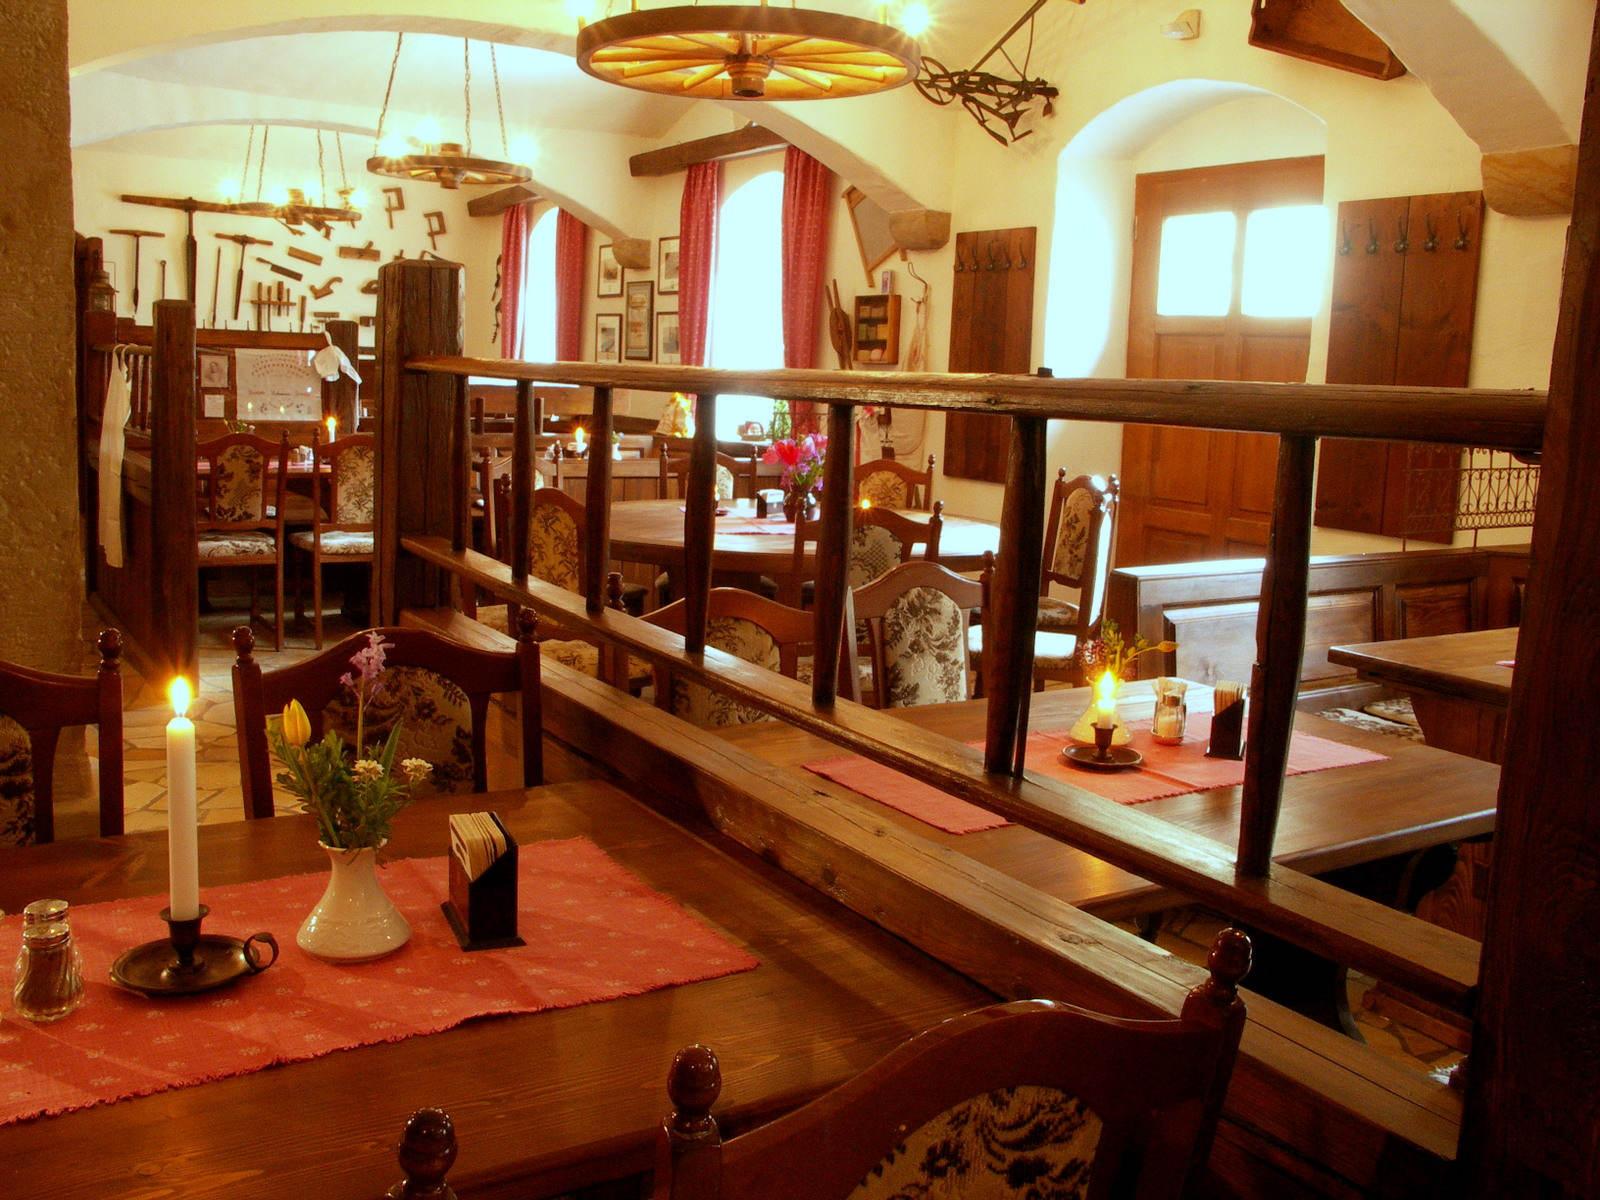 tisch, stuhl, gemütlichkeit, restaurant meißen, hotel dresden